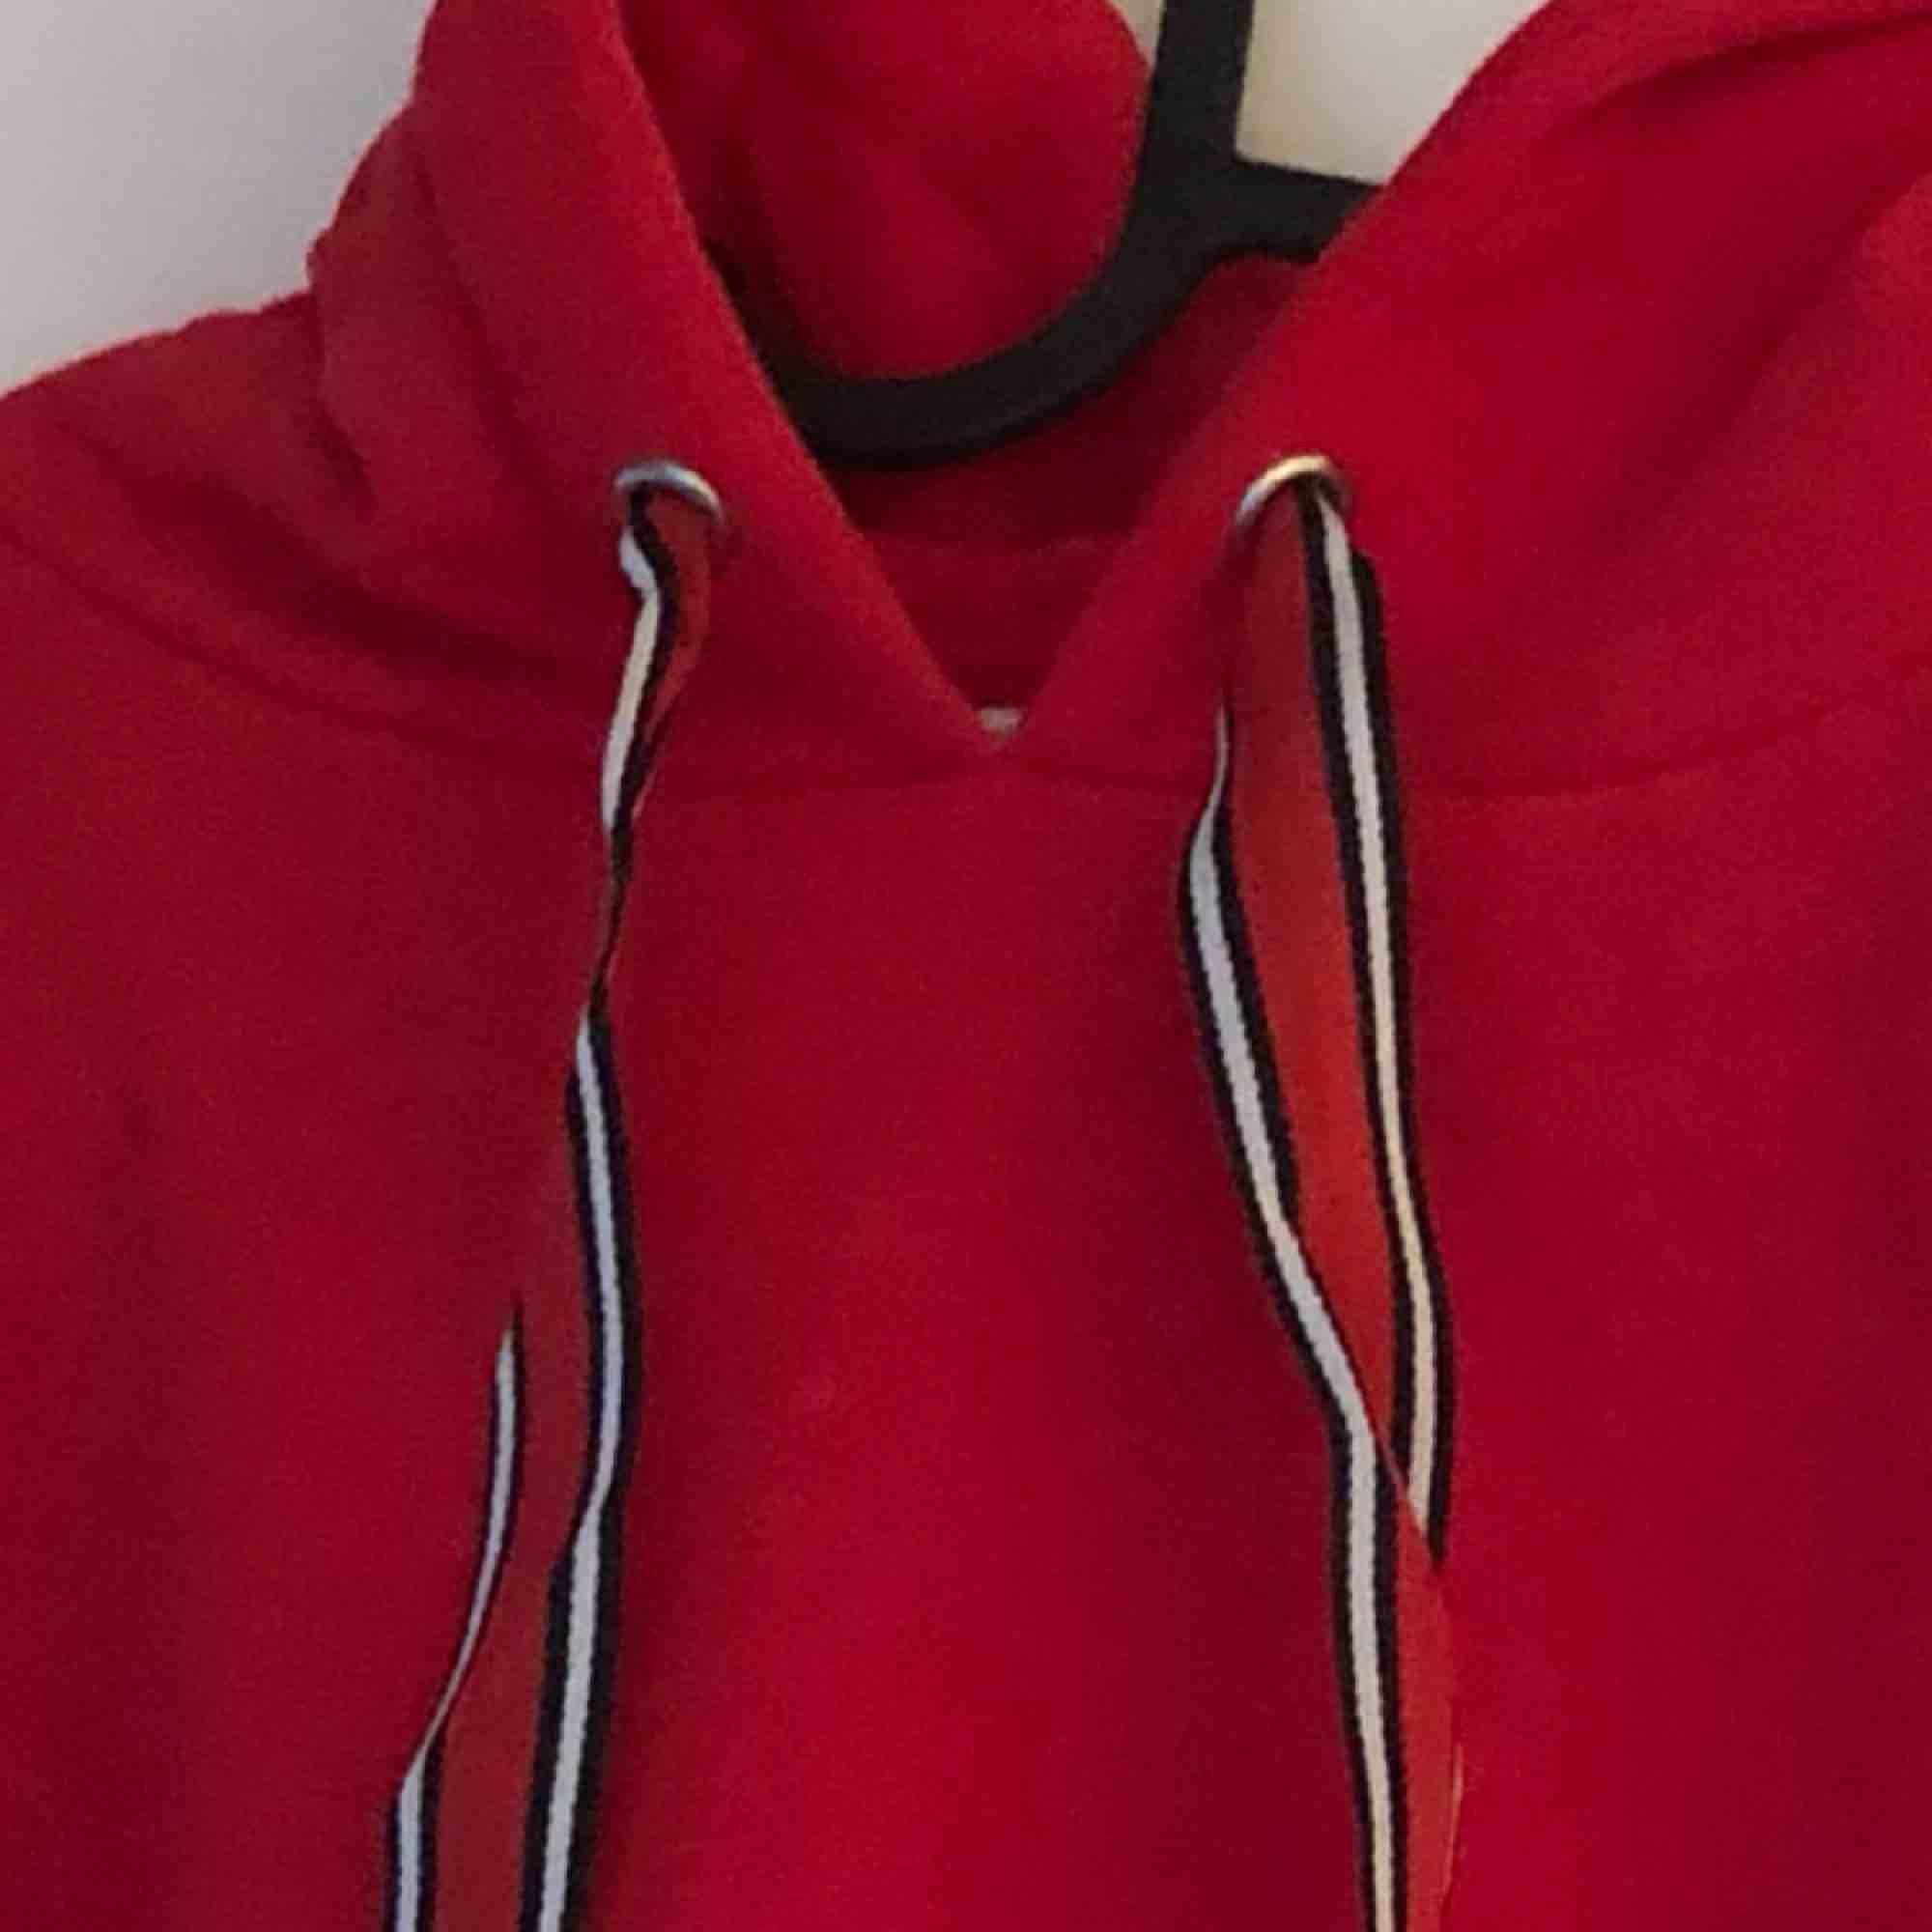 Världens mjukaste hoodie! Så snygg färg som ger en färgklick till vardagen! Säljer pga av inte min stil! Användes under cirka 2 kvällar så som ny! Fantastik hoodie bara. . Huvtröjor & Träningströjor.